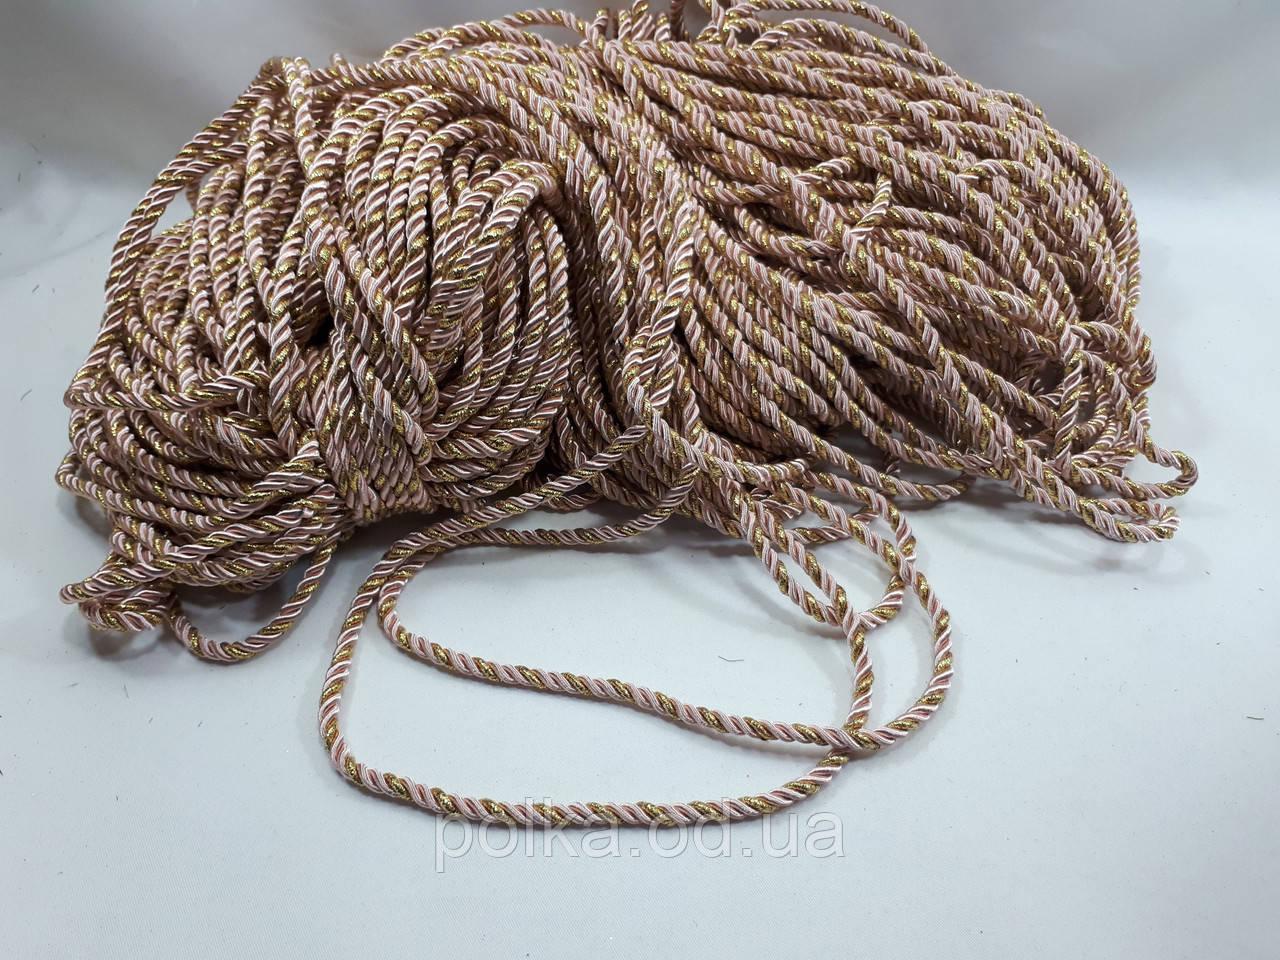 Кручений декоративний шнур (канат), ширина 5 мм, колір пудровий з золотом (1уп=92метра)